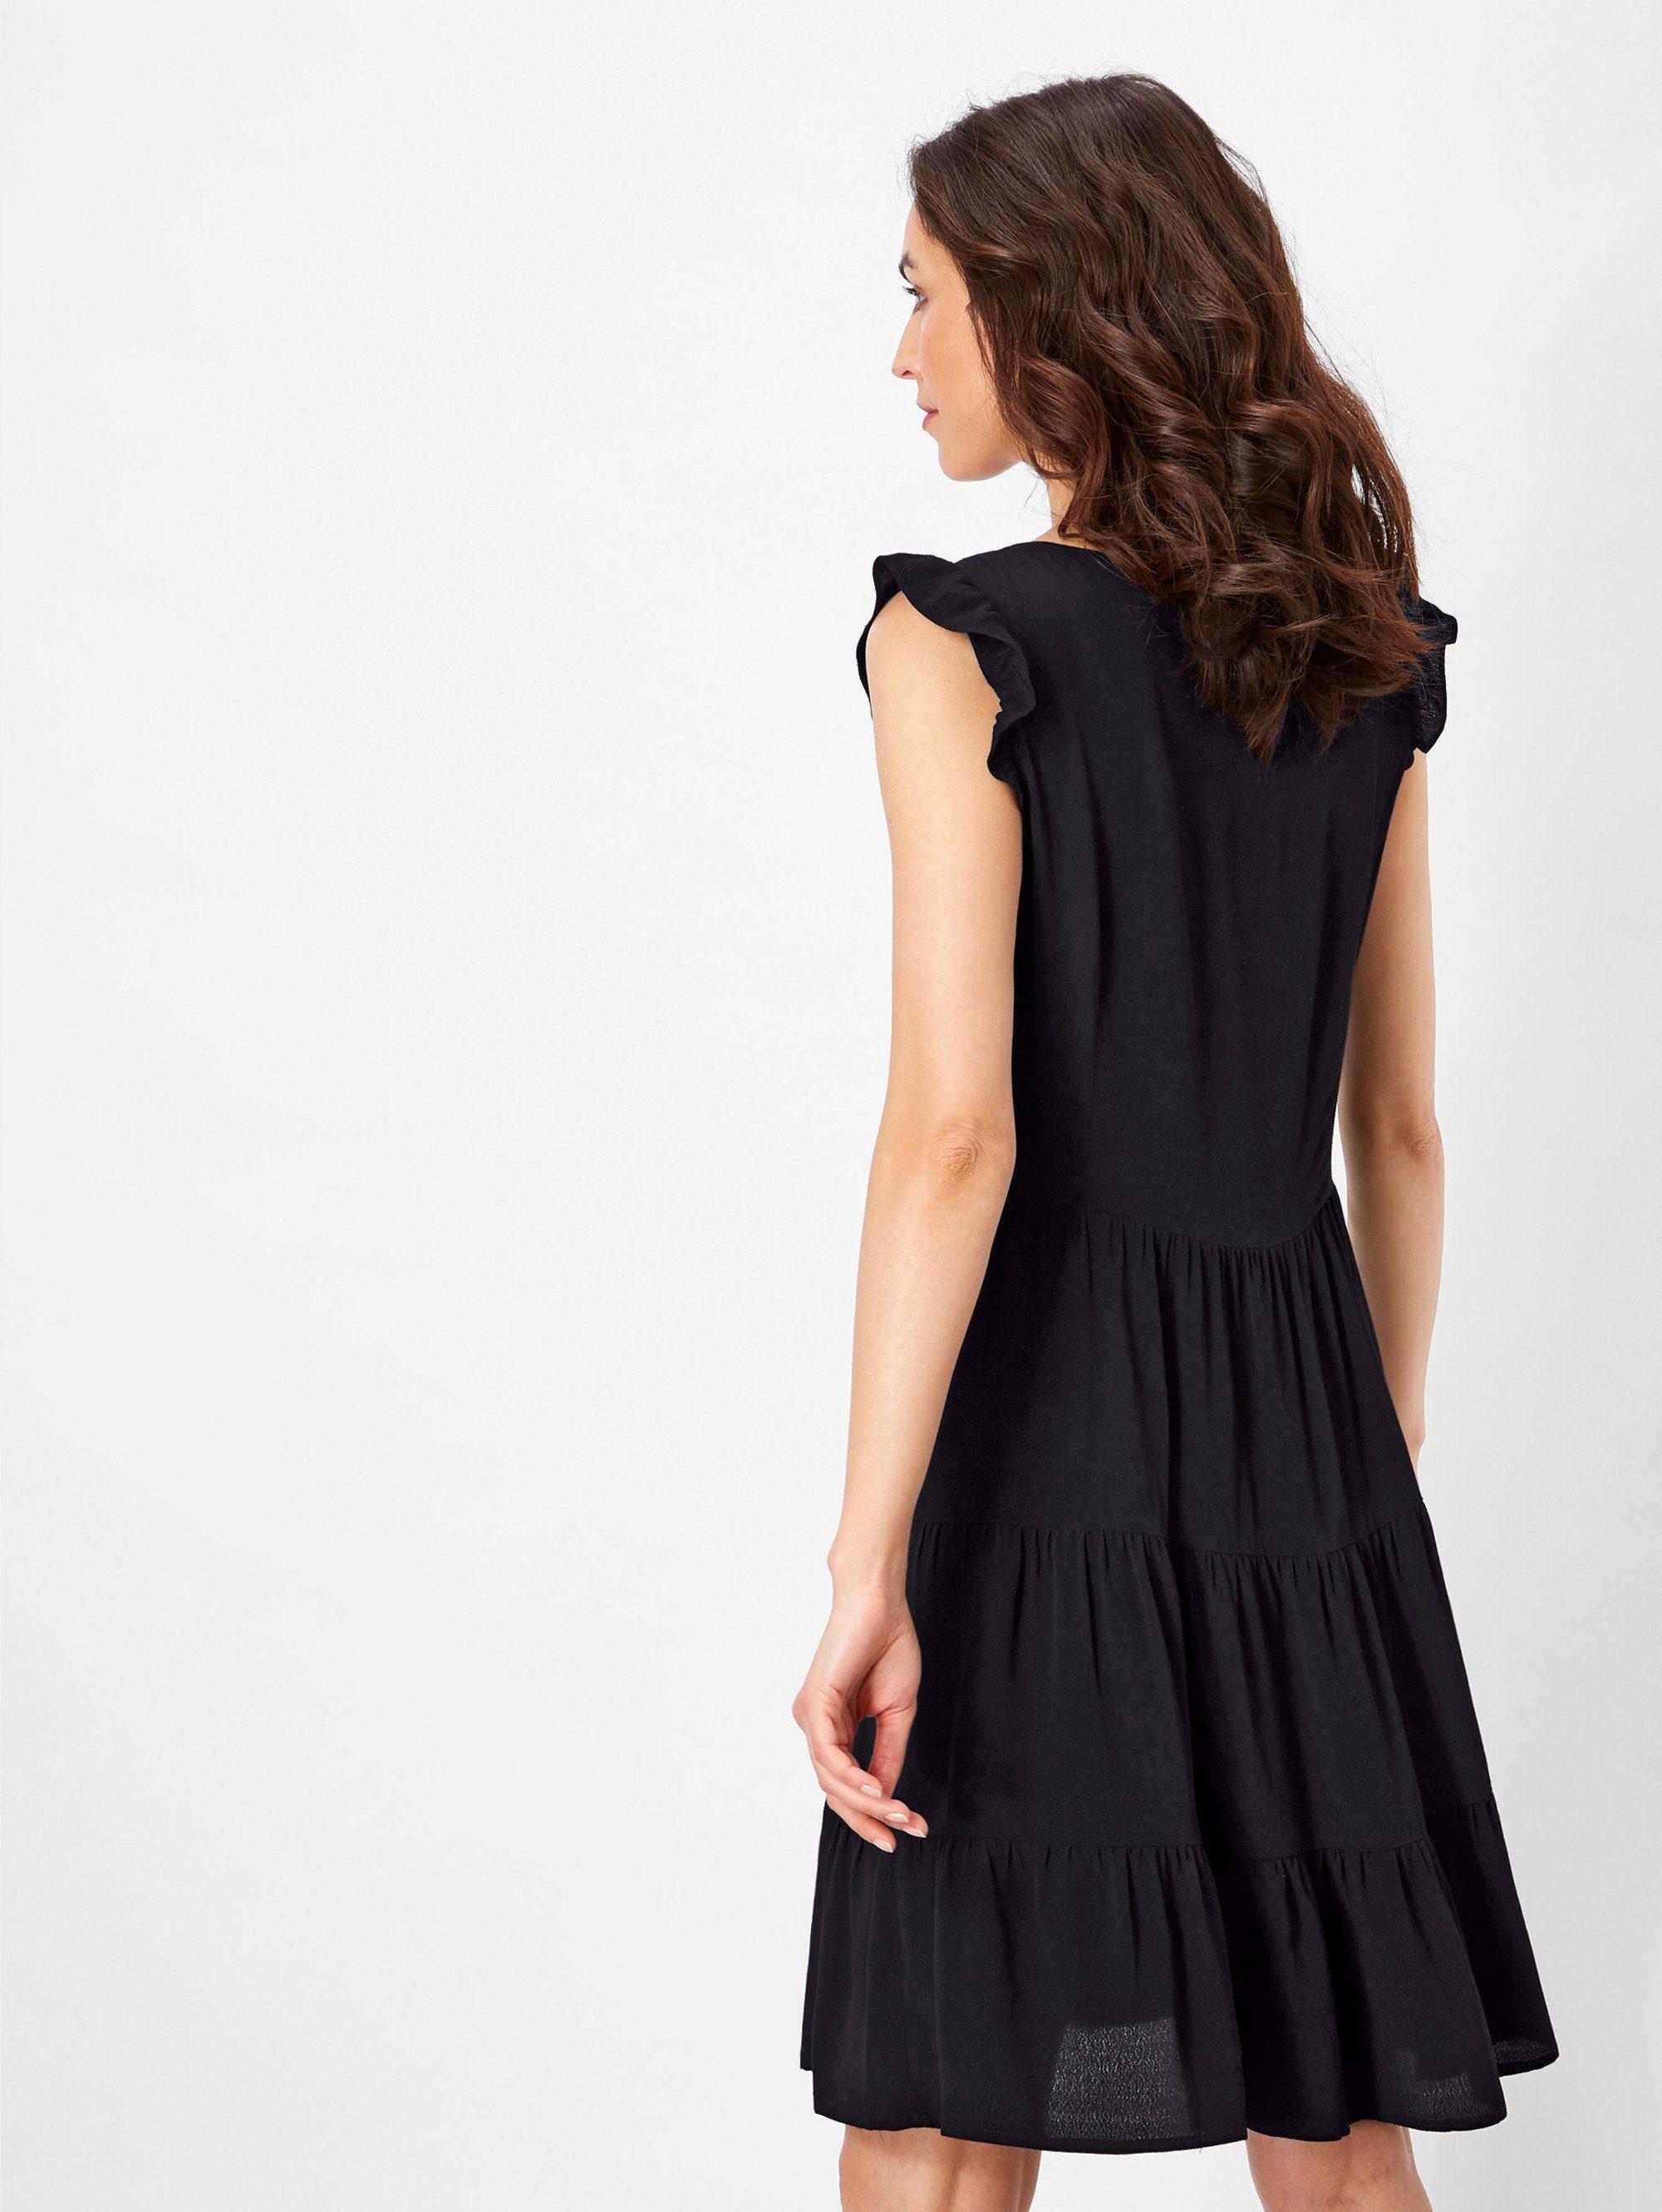 Kaufen Online Mit Odeon Kleid Volants UzMVpS